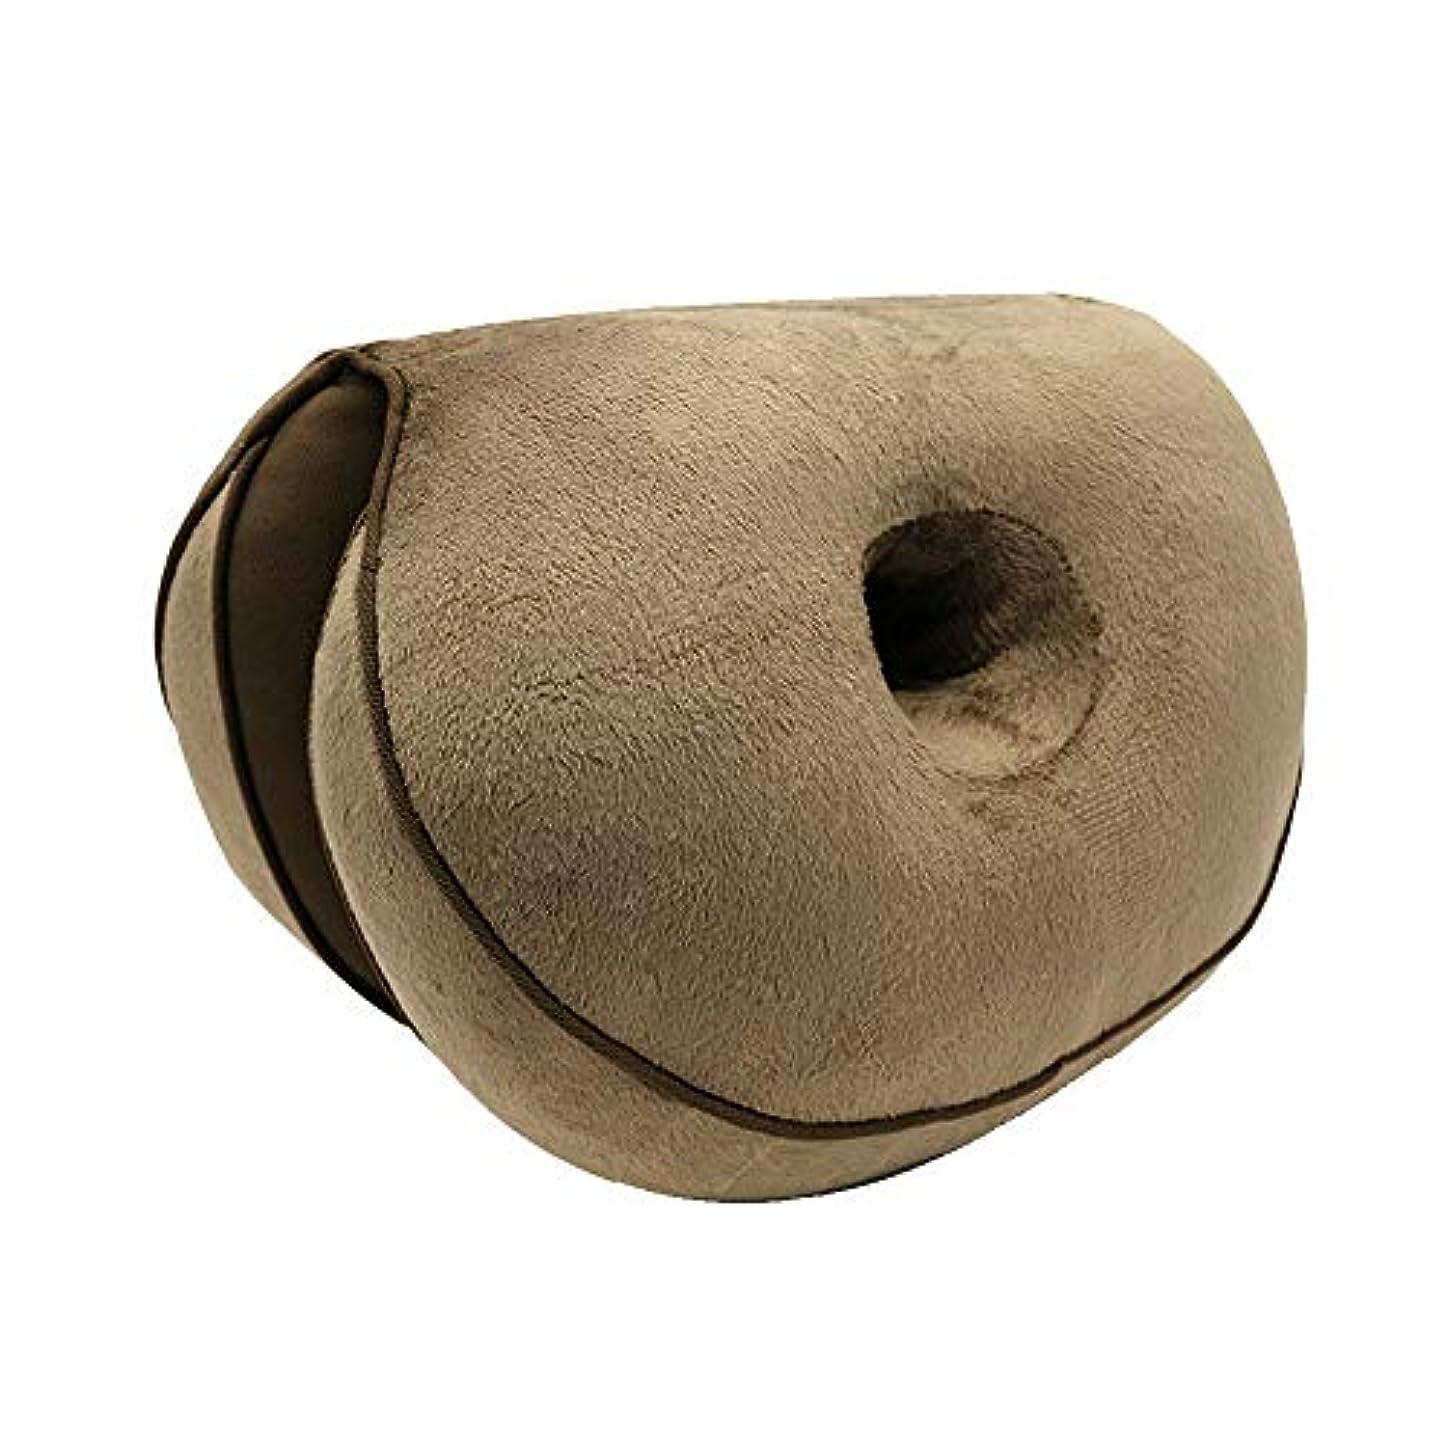 始まりエンコミウム大臣LIFE 新デュアルシートクッション低反発ラテックスオフィスチェアバックシートクッション快適な臀部マットパッド枕旅行枕女性女の子 クッション 椅子